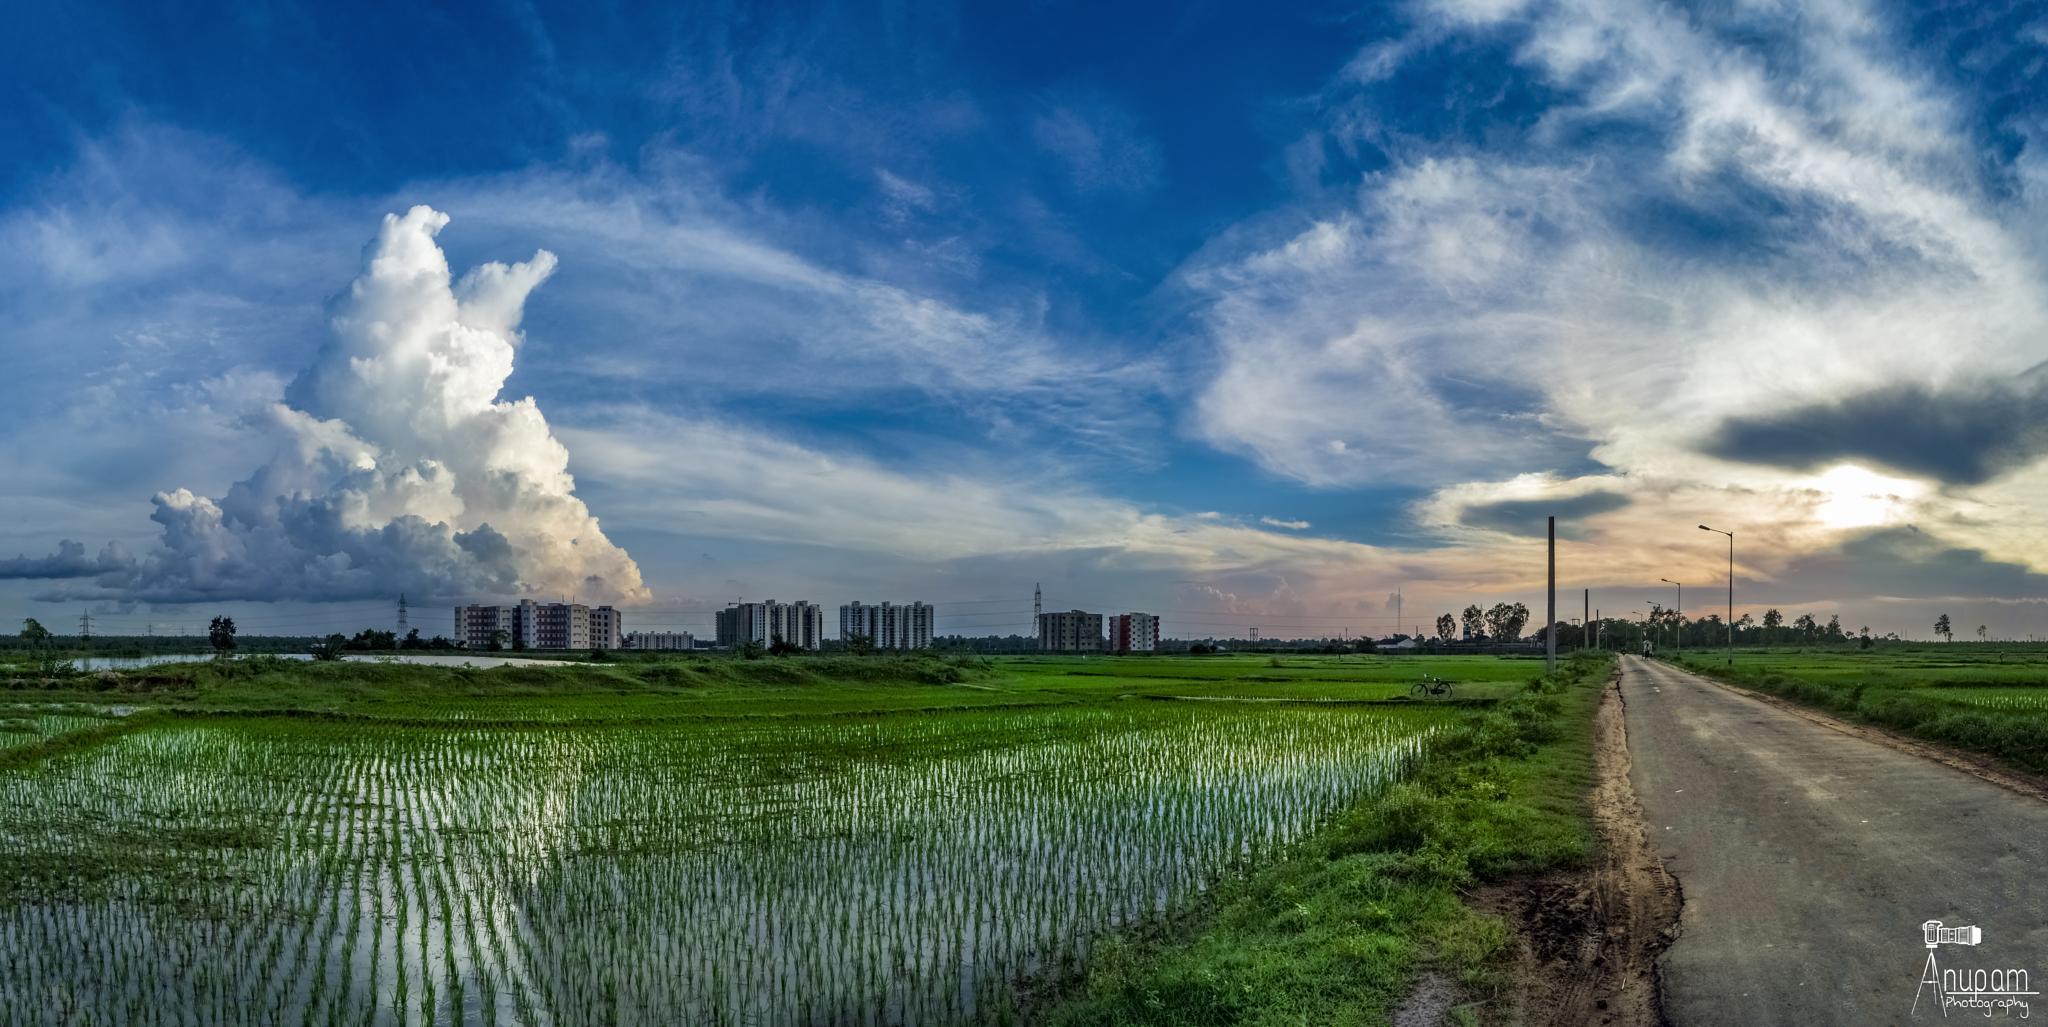 rural landscape by Anupam Banerjee